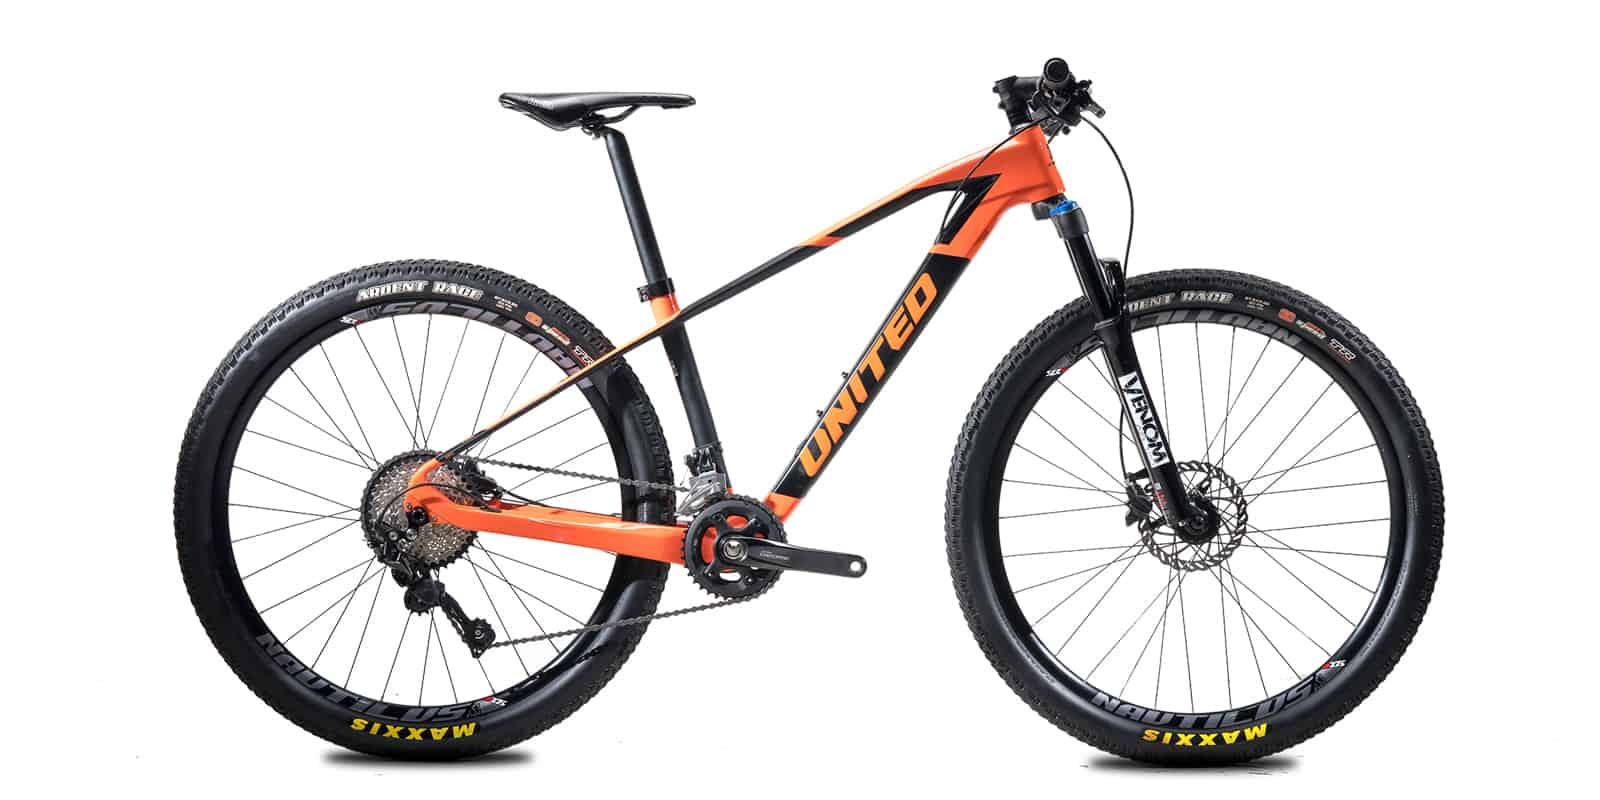 Spesifikasi dan Harga United Kyross 1.00 (9) - Sepeda.Me